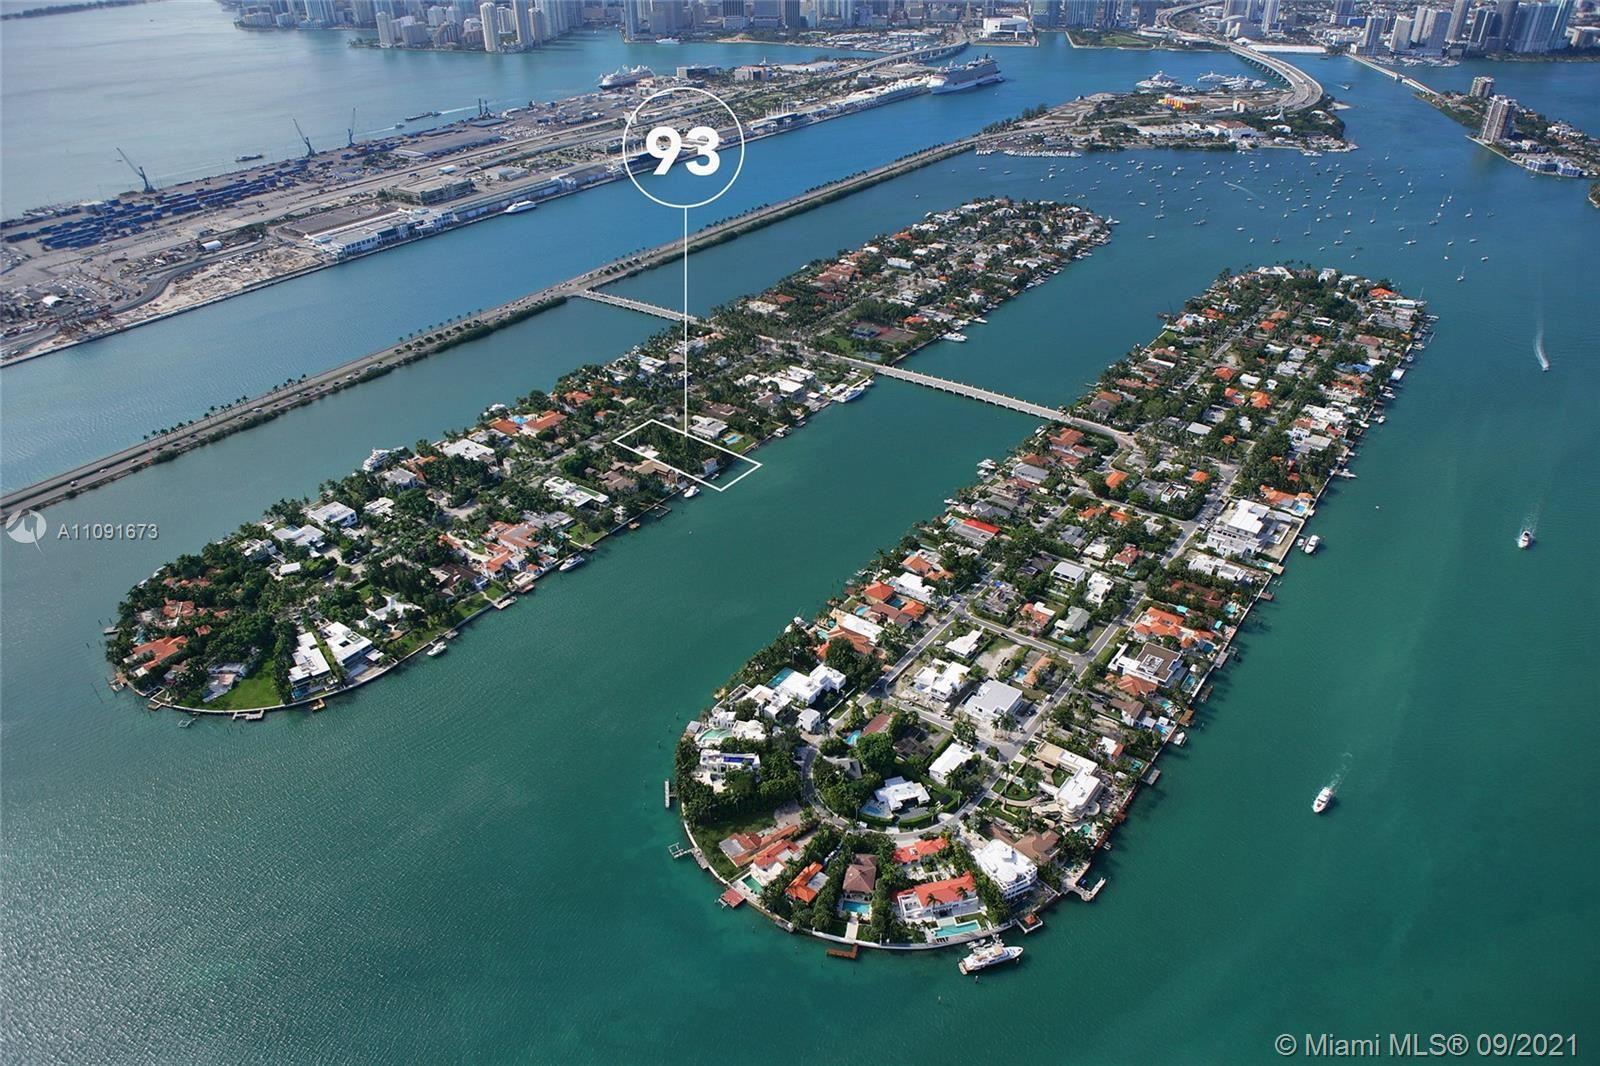 93 Palm Ave, Miami Beach, FL 33139 - #: A11091673